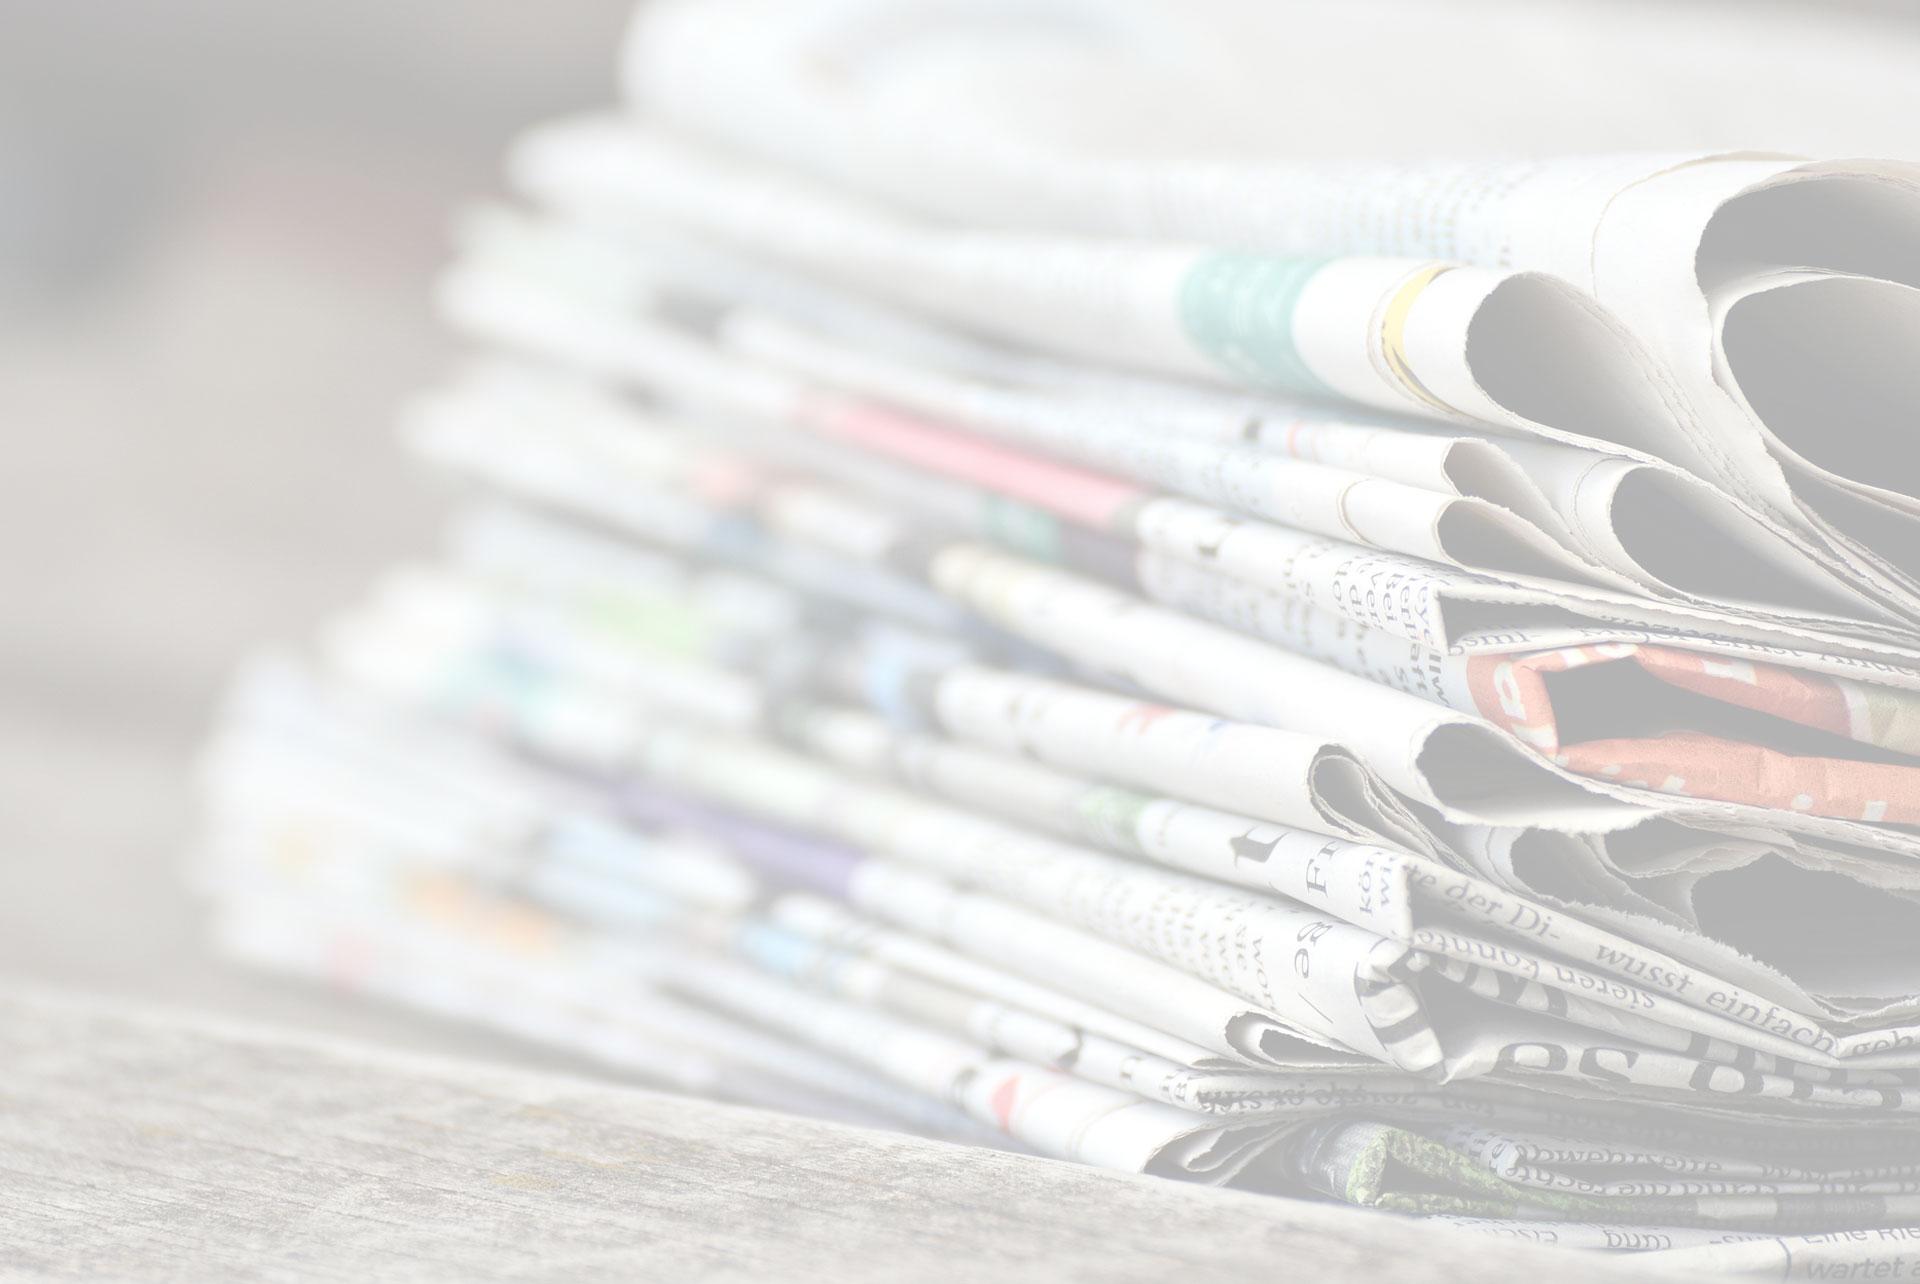 Accise gasolio: quali sono e a quanto ammontano